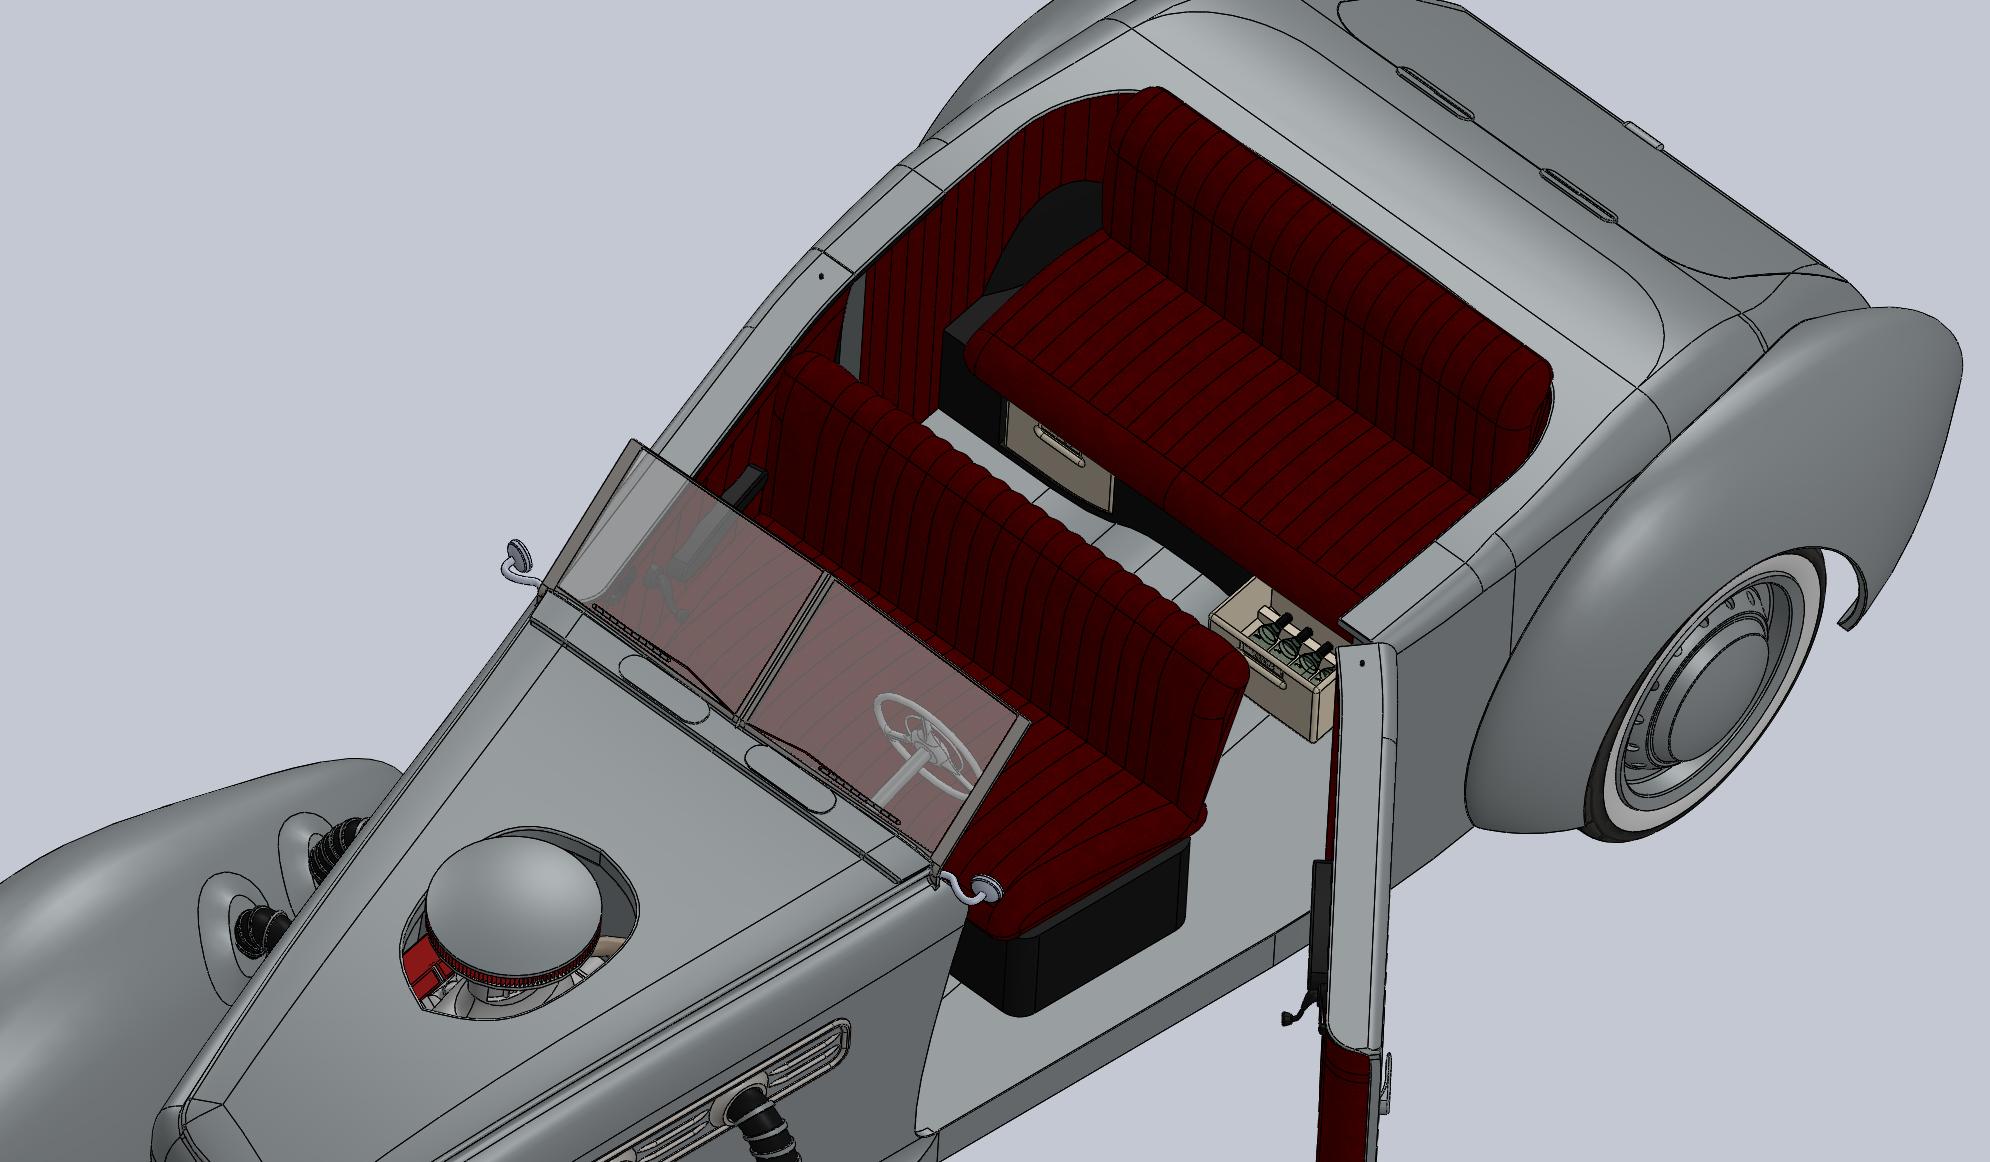 Solidworks Model 1.2